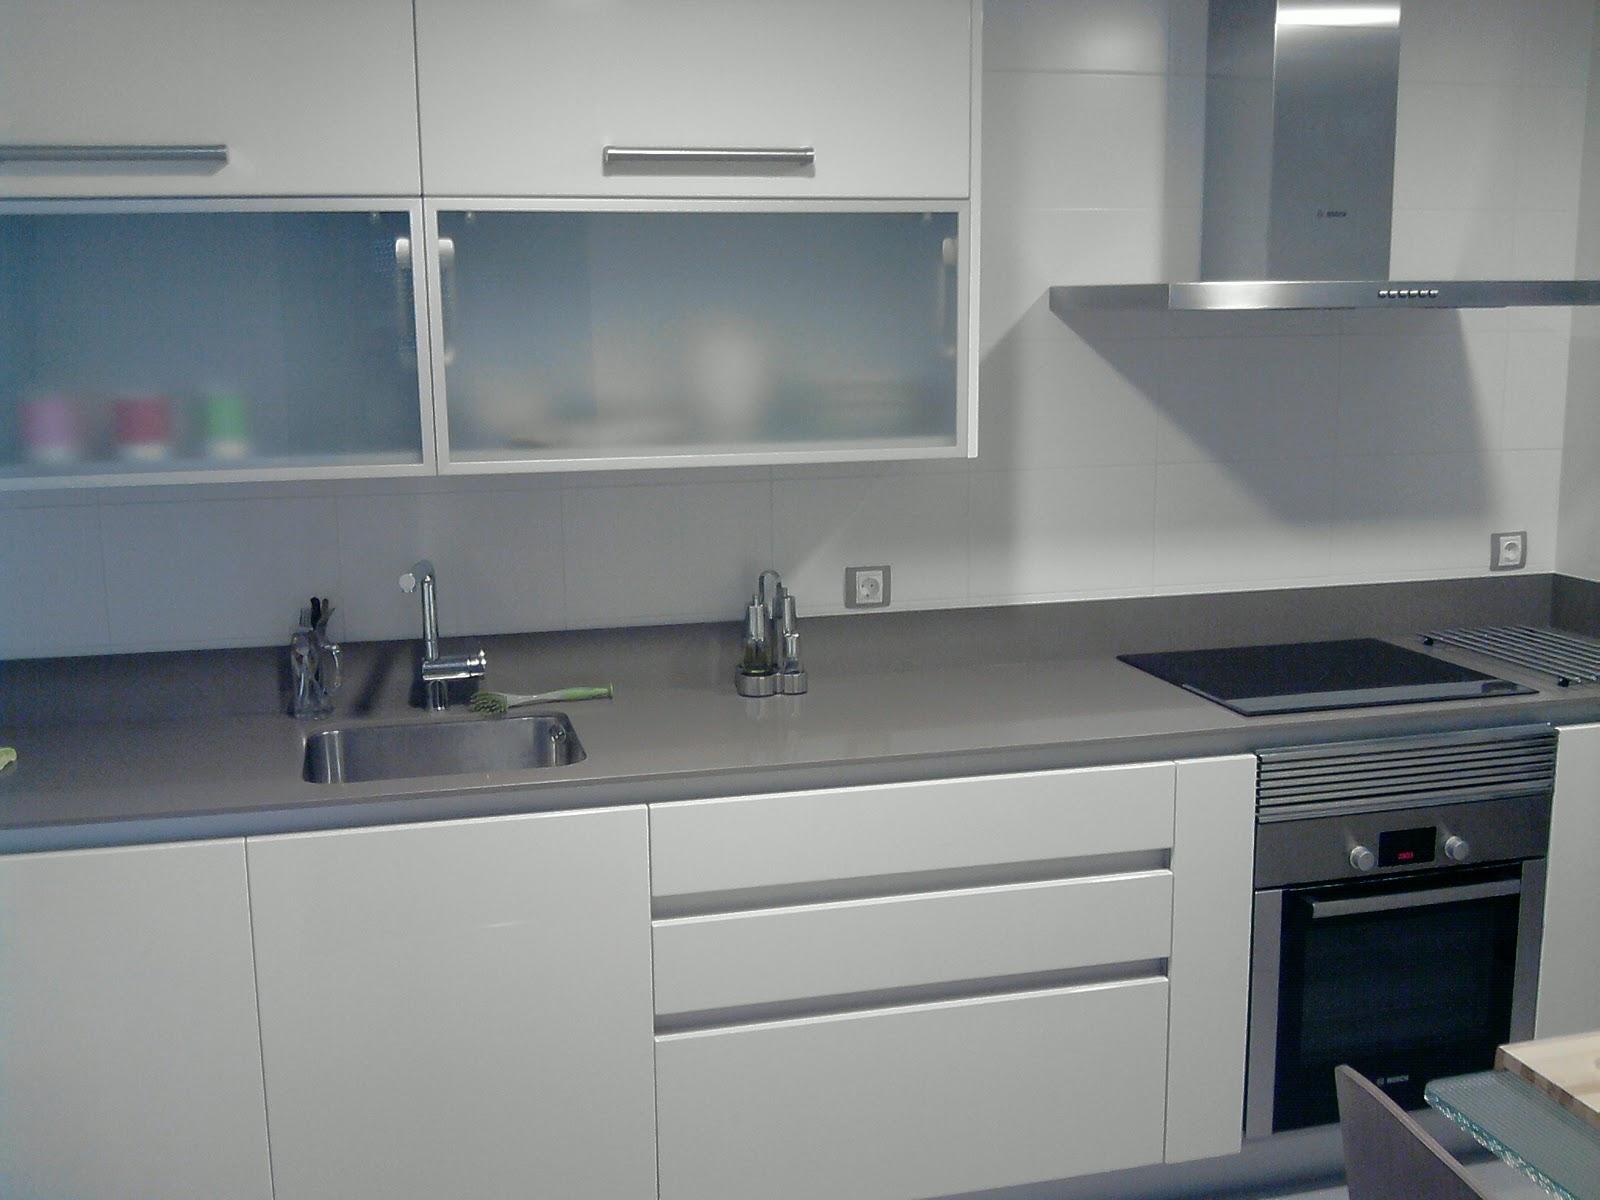 Muebles de cocina blanca encimera gris for Encimeras de cocina